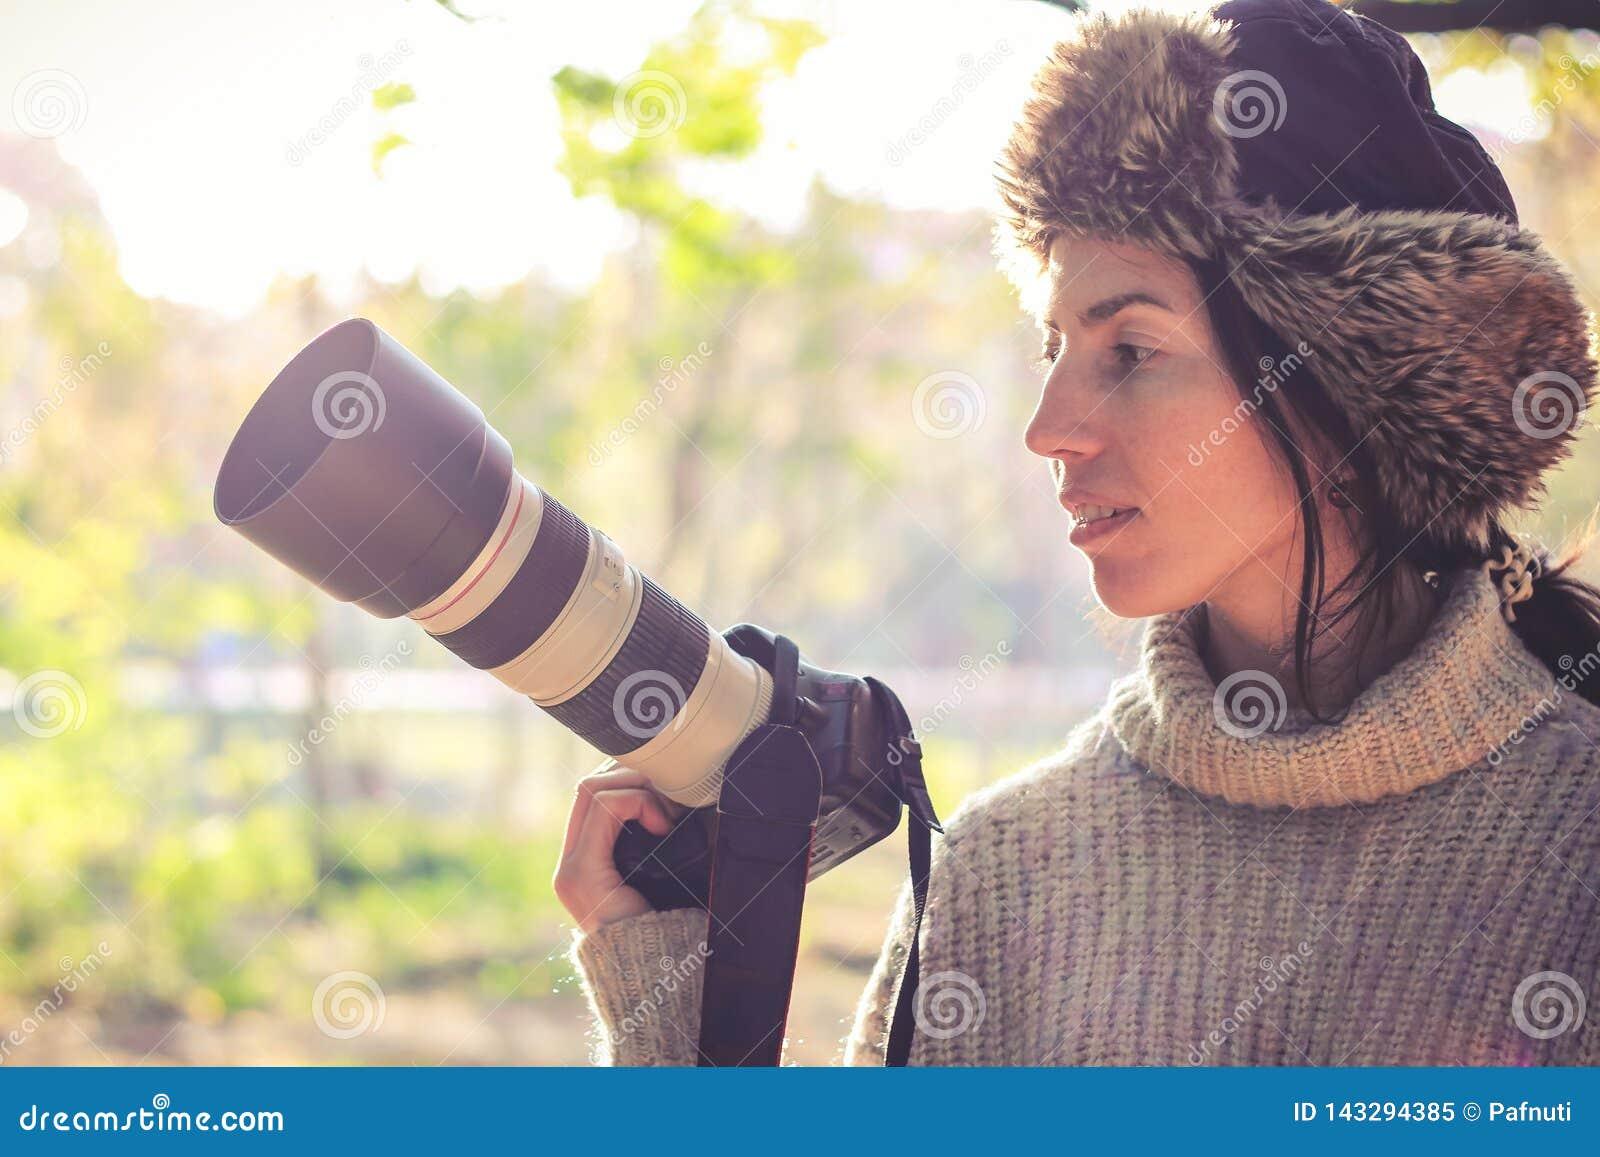 Moderne Kamera mit einer großen Linse in der Hand des jungen Fotografmädchens und bereit, Foto zu machen